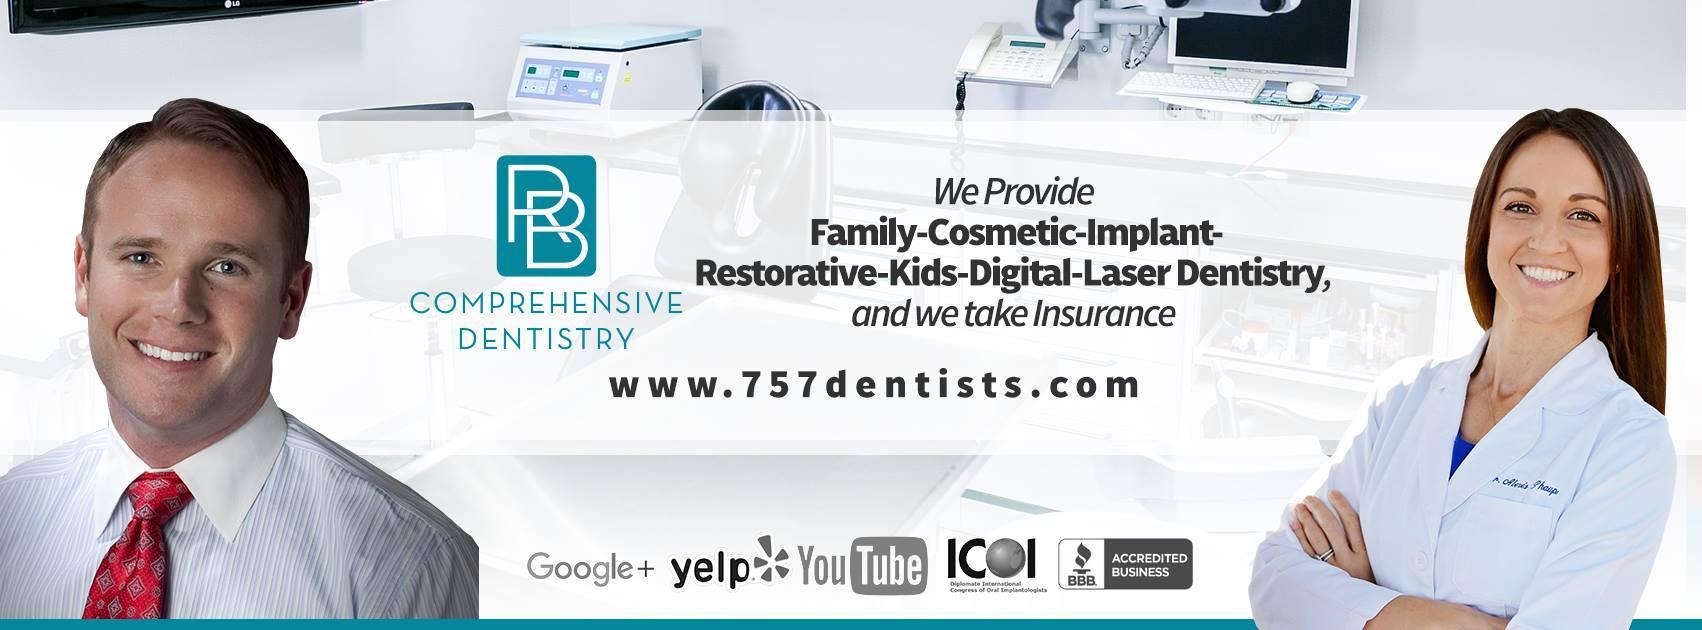 RB Comprehensive Dentistry